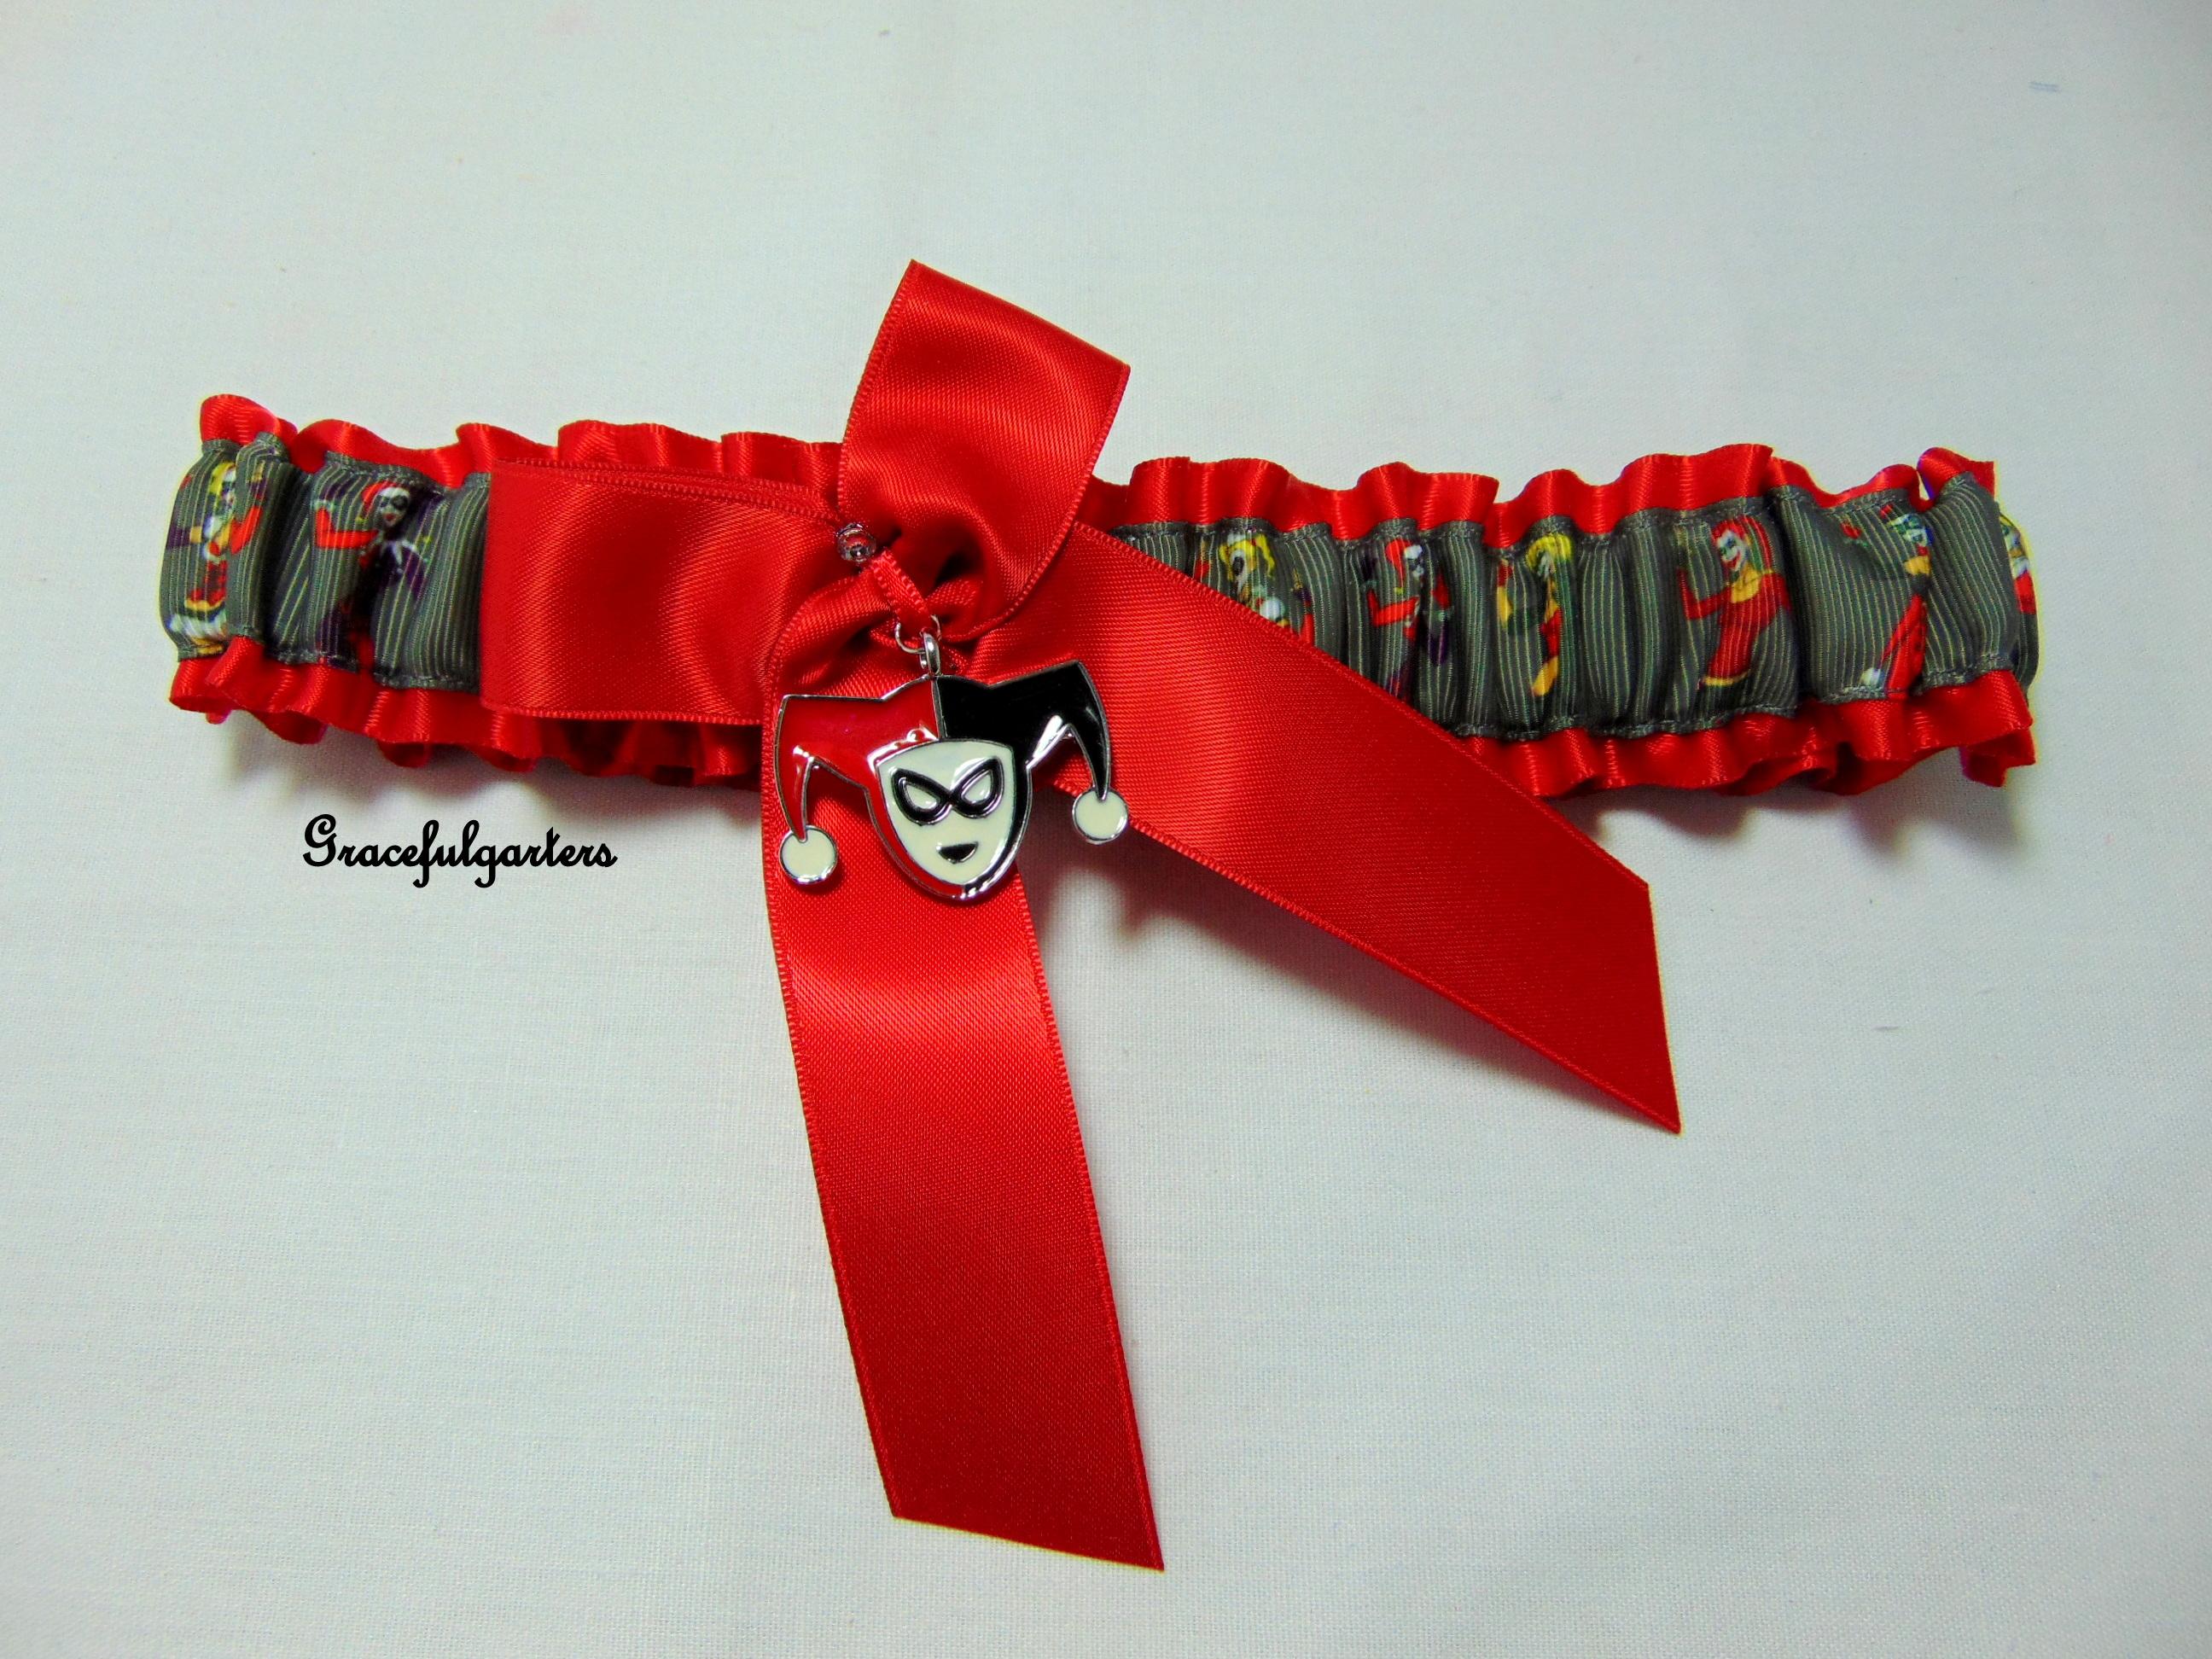 Harley quinn suicide squad bridal wedding garter